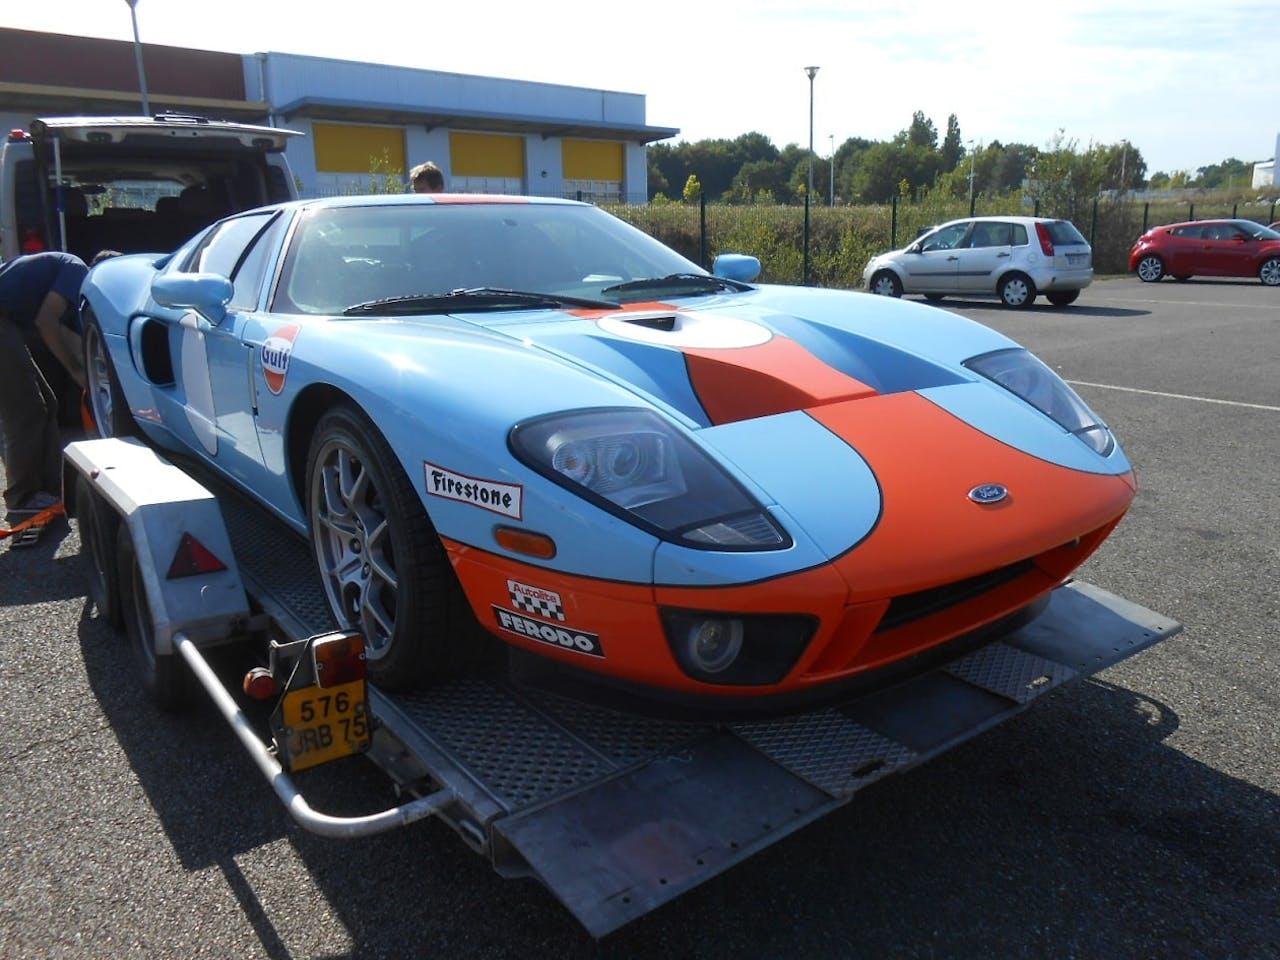 Getunter Ford GT auf Platz 3 der schnellsten Autos der Welt